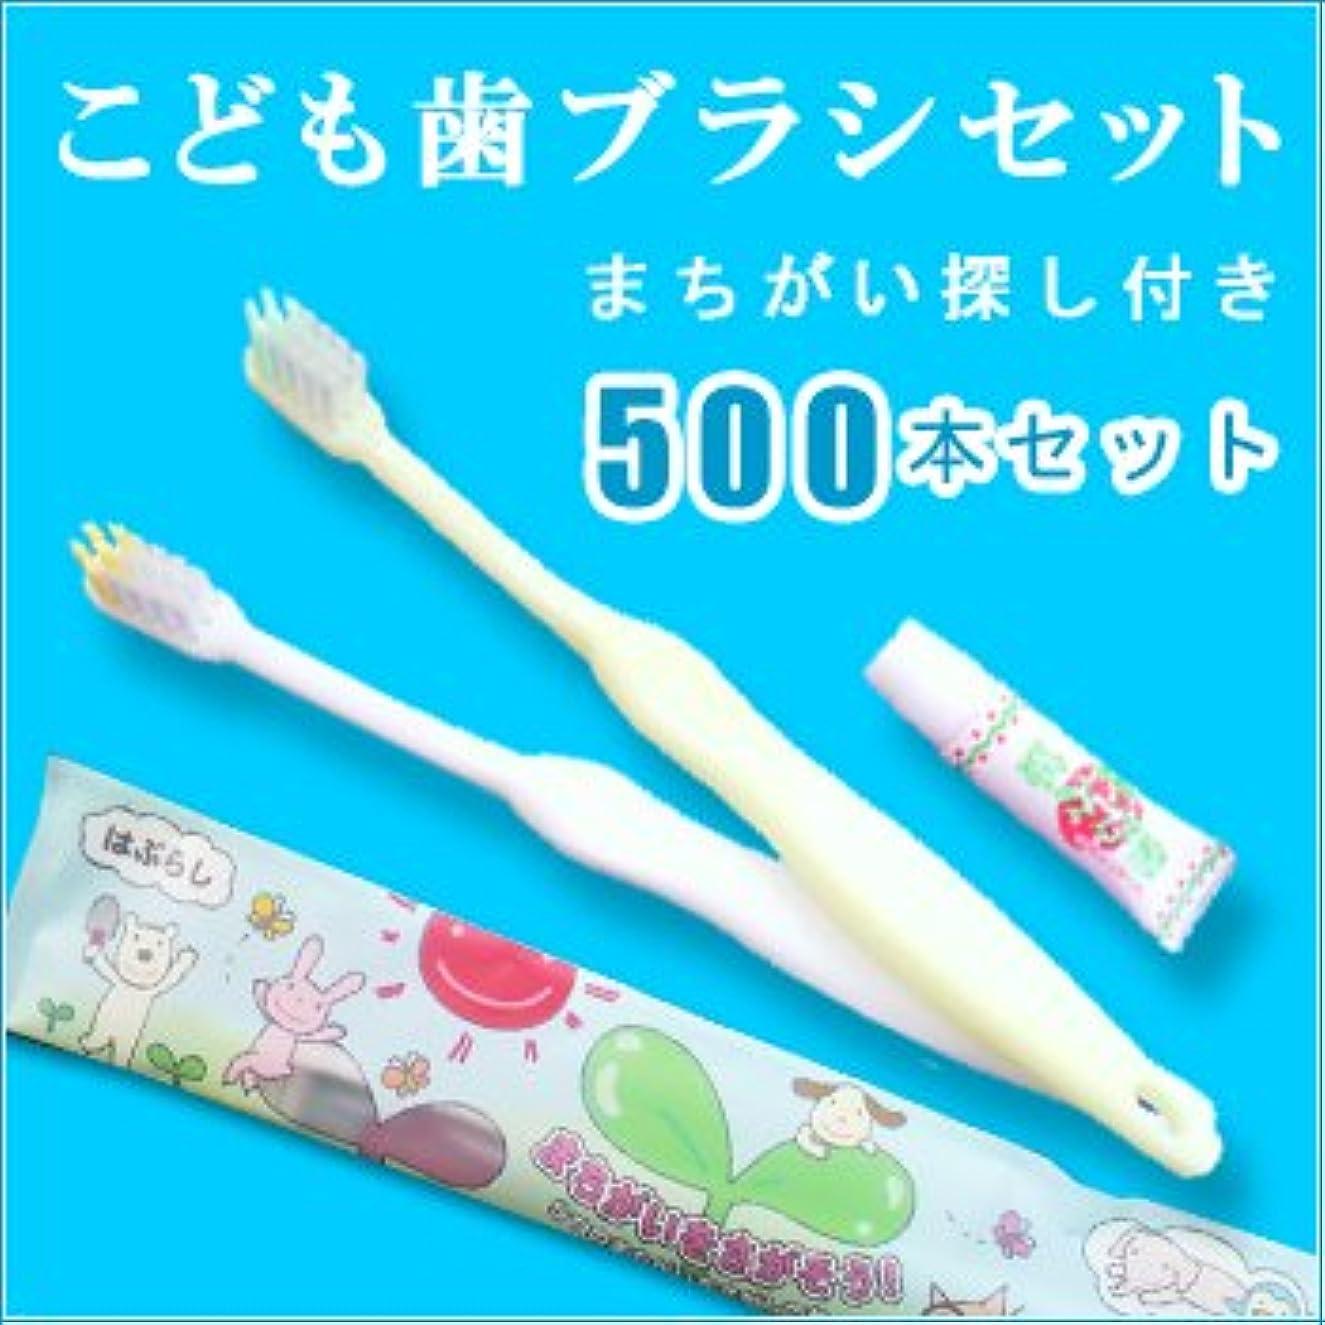 浴室アンソロジー鳥こども用歯ブラシ いちご味の歯磨き粉 3gチューブ付 ホワイト?イエロー2色アソート(1セット500本)1本当たり34円